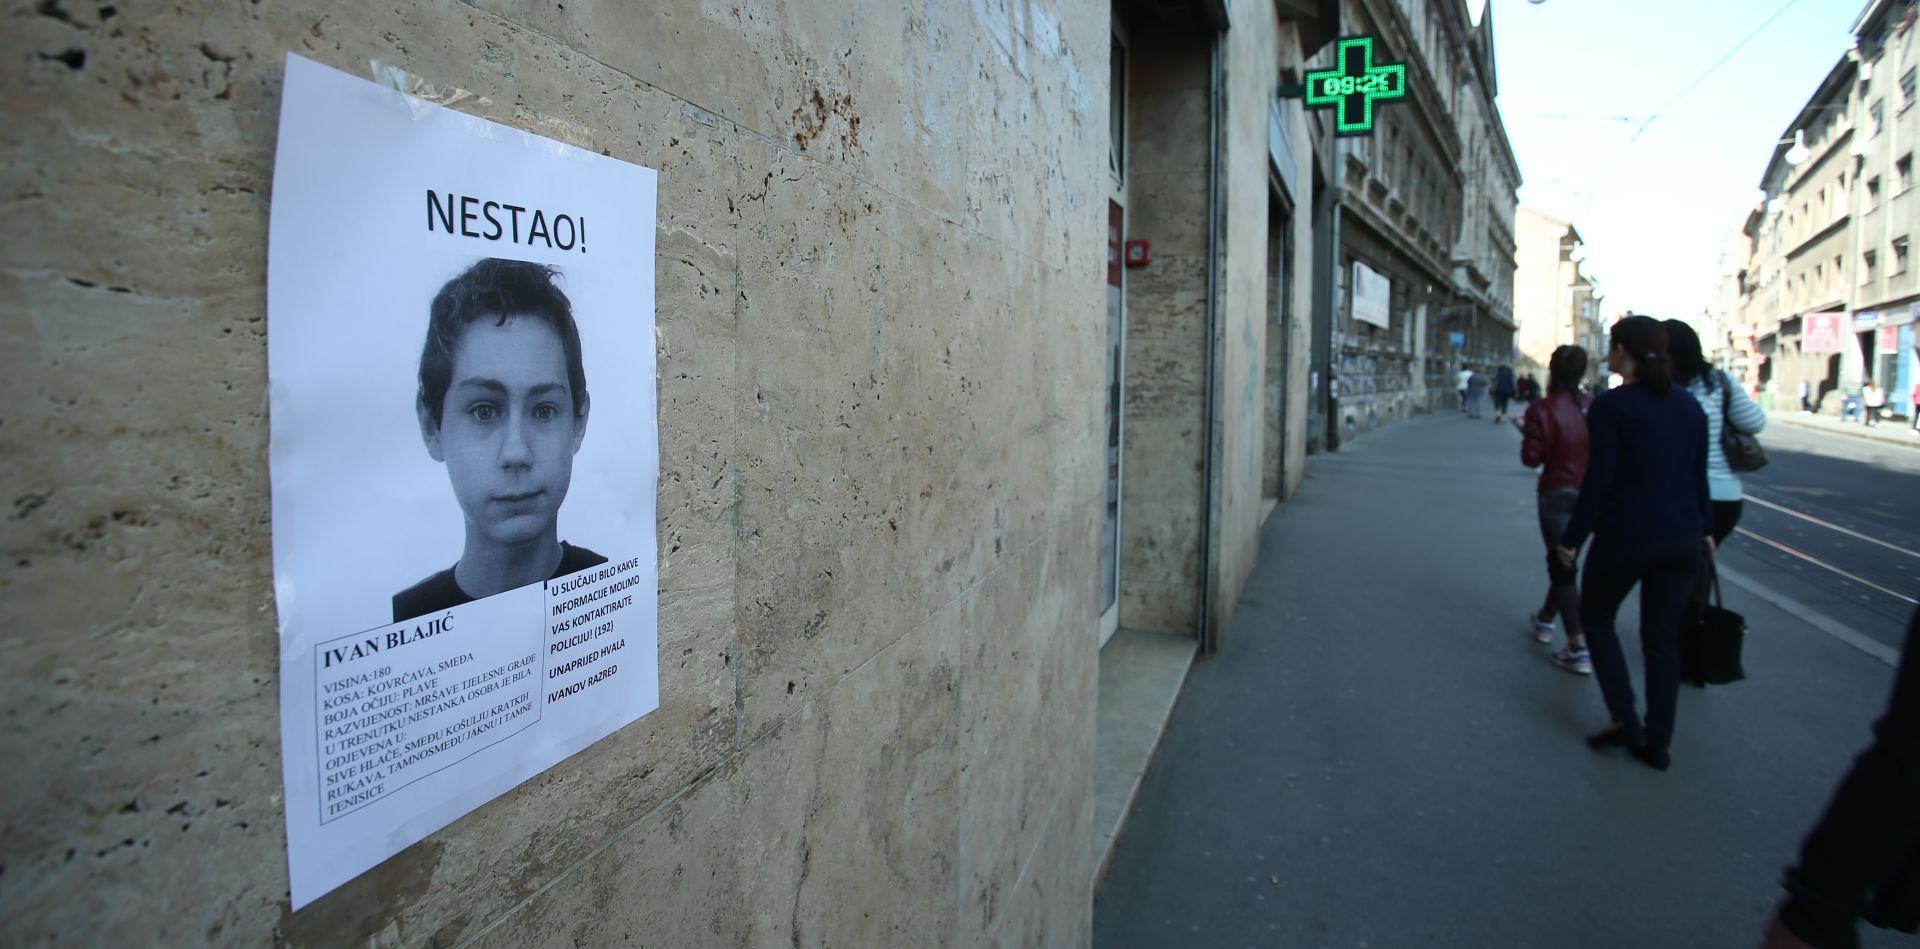 NAJGORI SCENARIJ Mrtvo tijelo maturanta Ivana Blajića pronađeno u podrumu zgrade